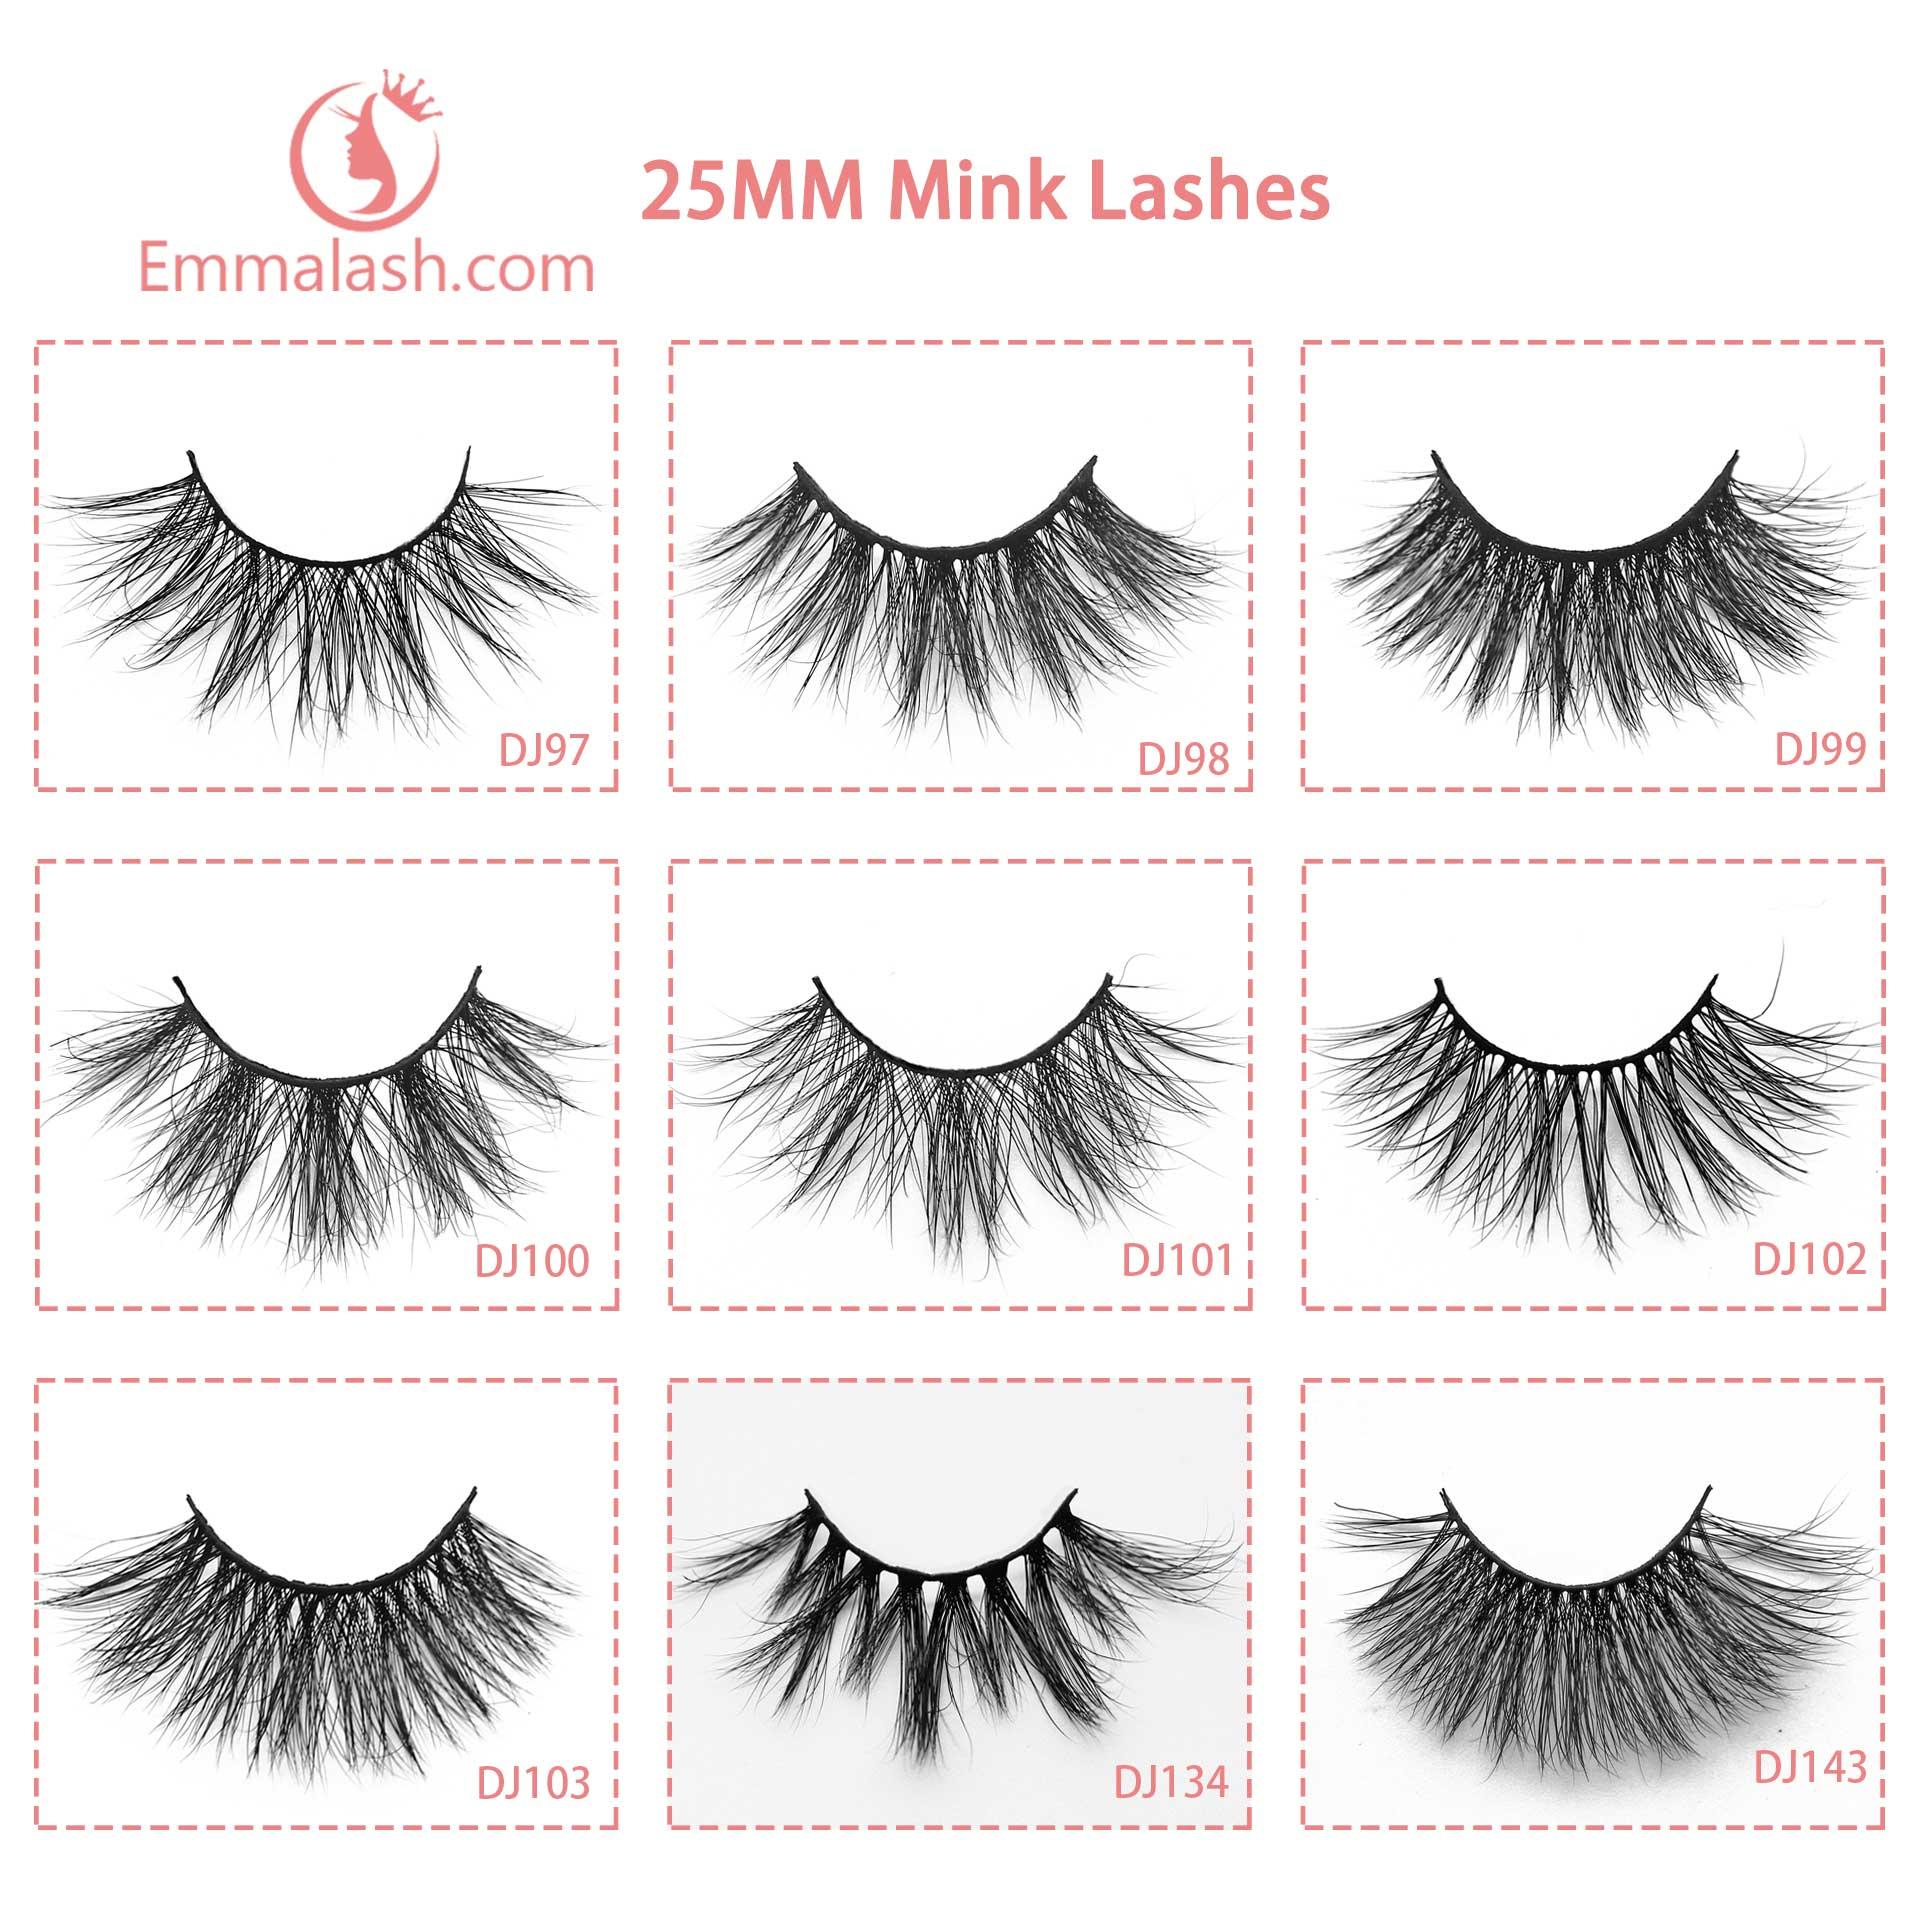 wholesale mink lashes 25